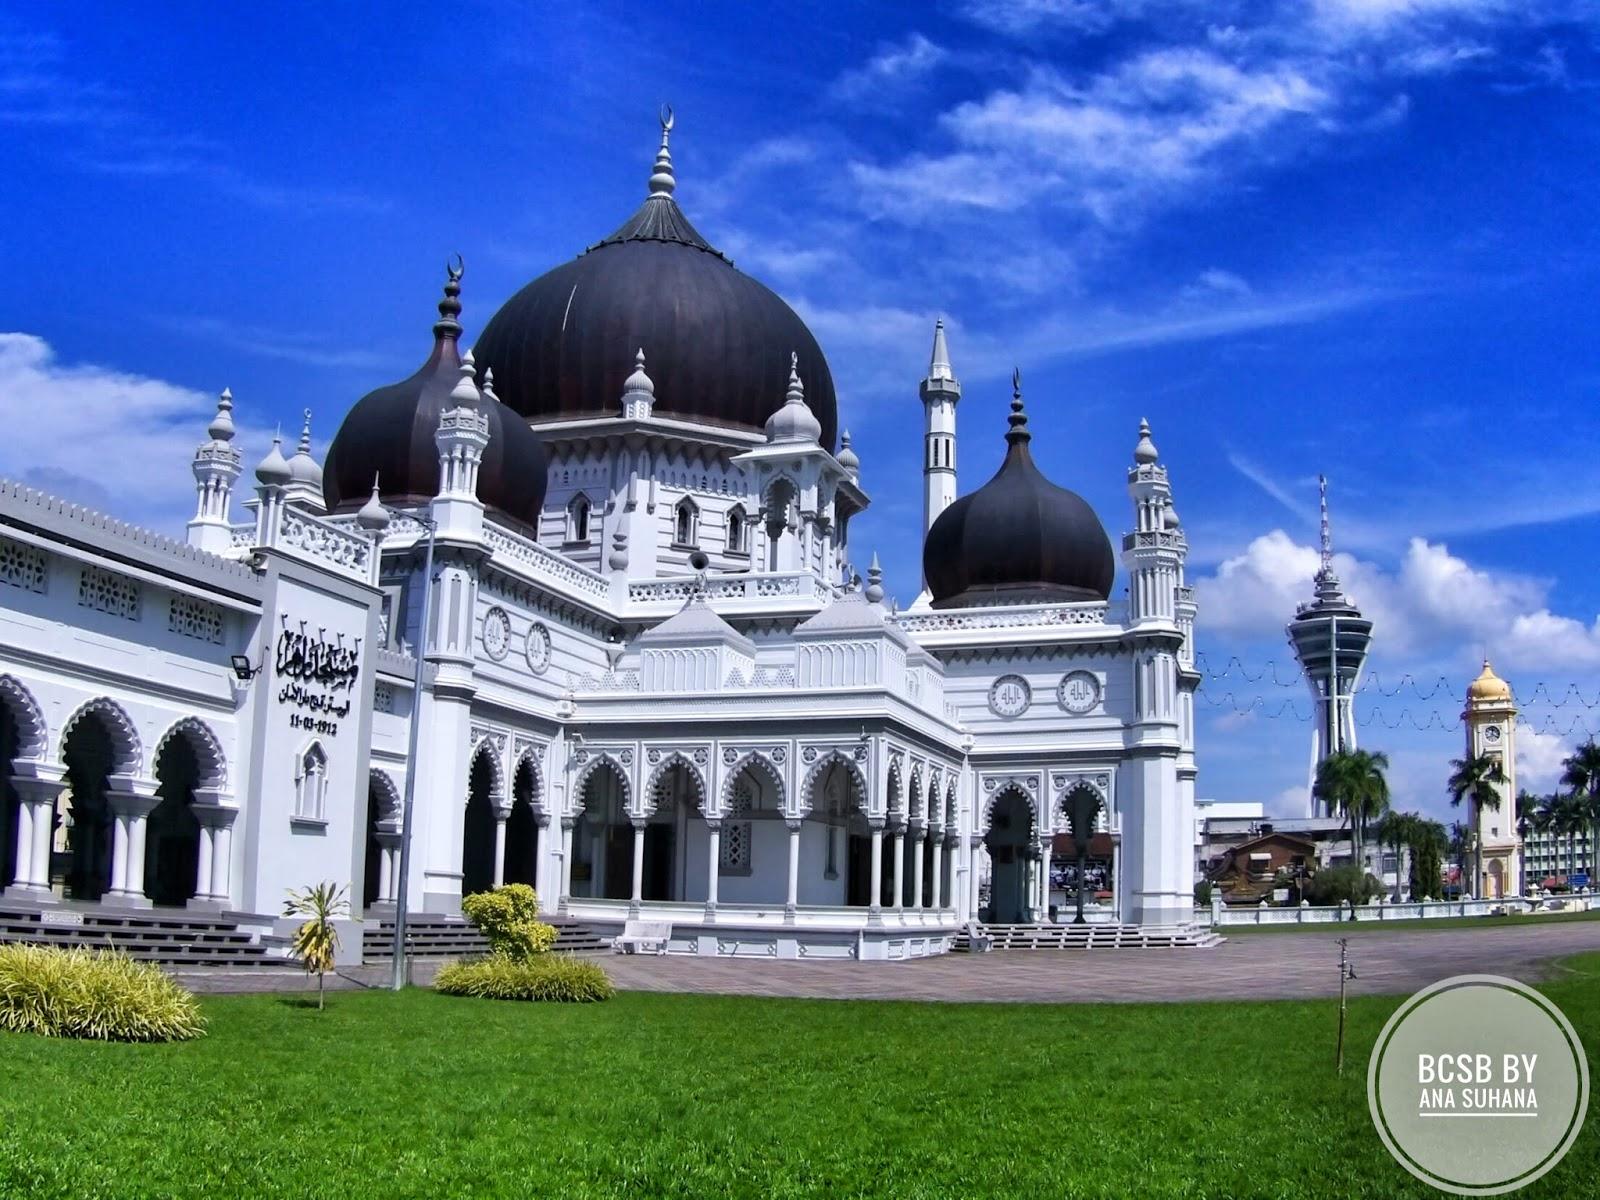 Download 500+ Wallpaper Cantik Masjid Paling Keren